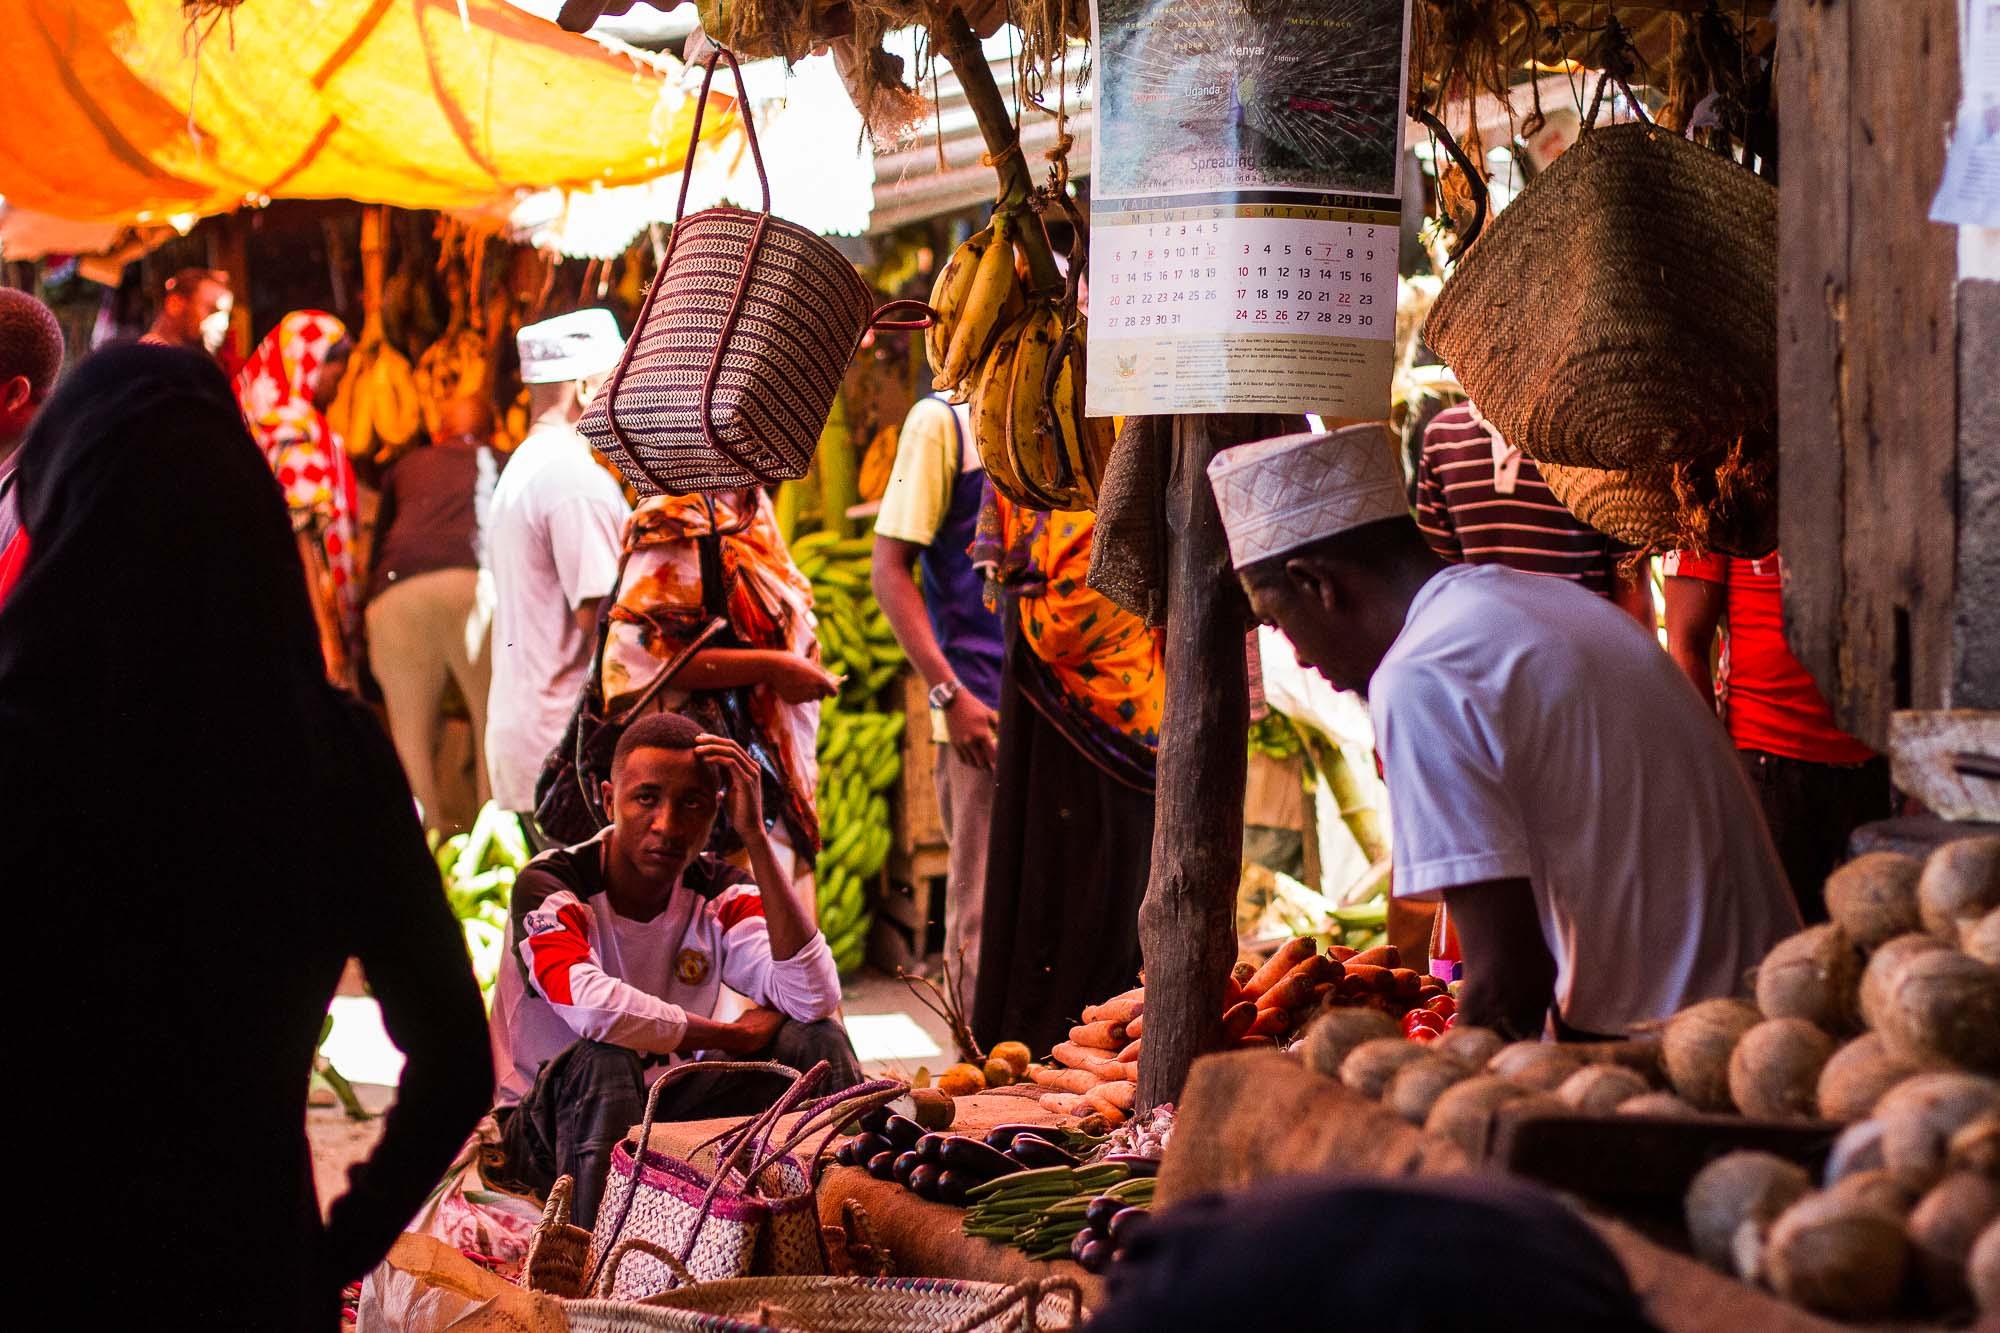 Tanzania 2011 # 5035